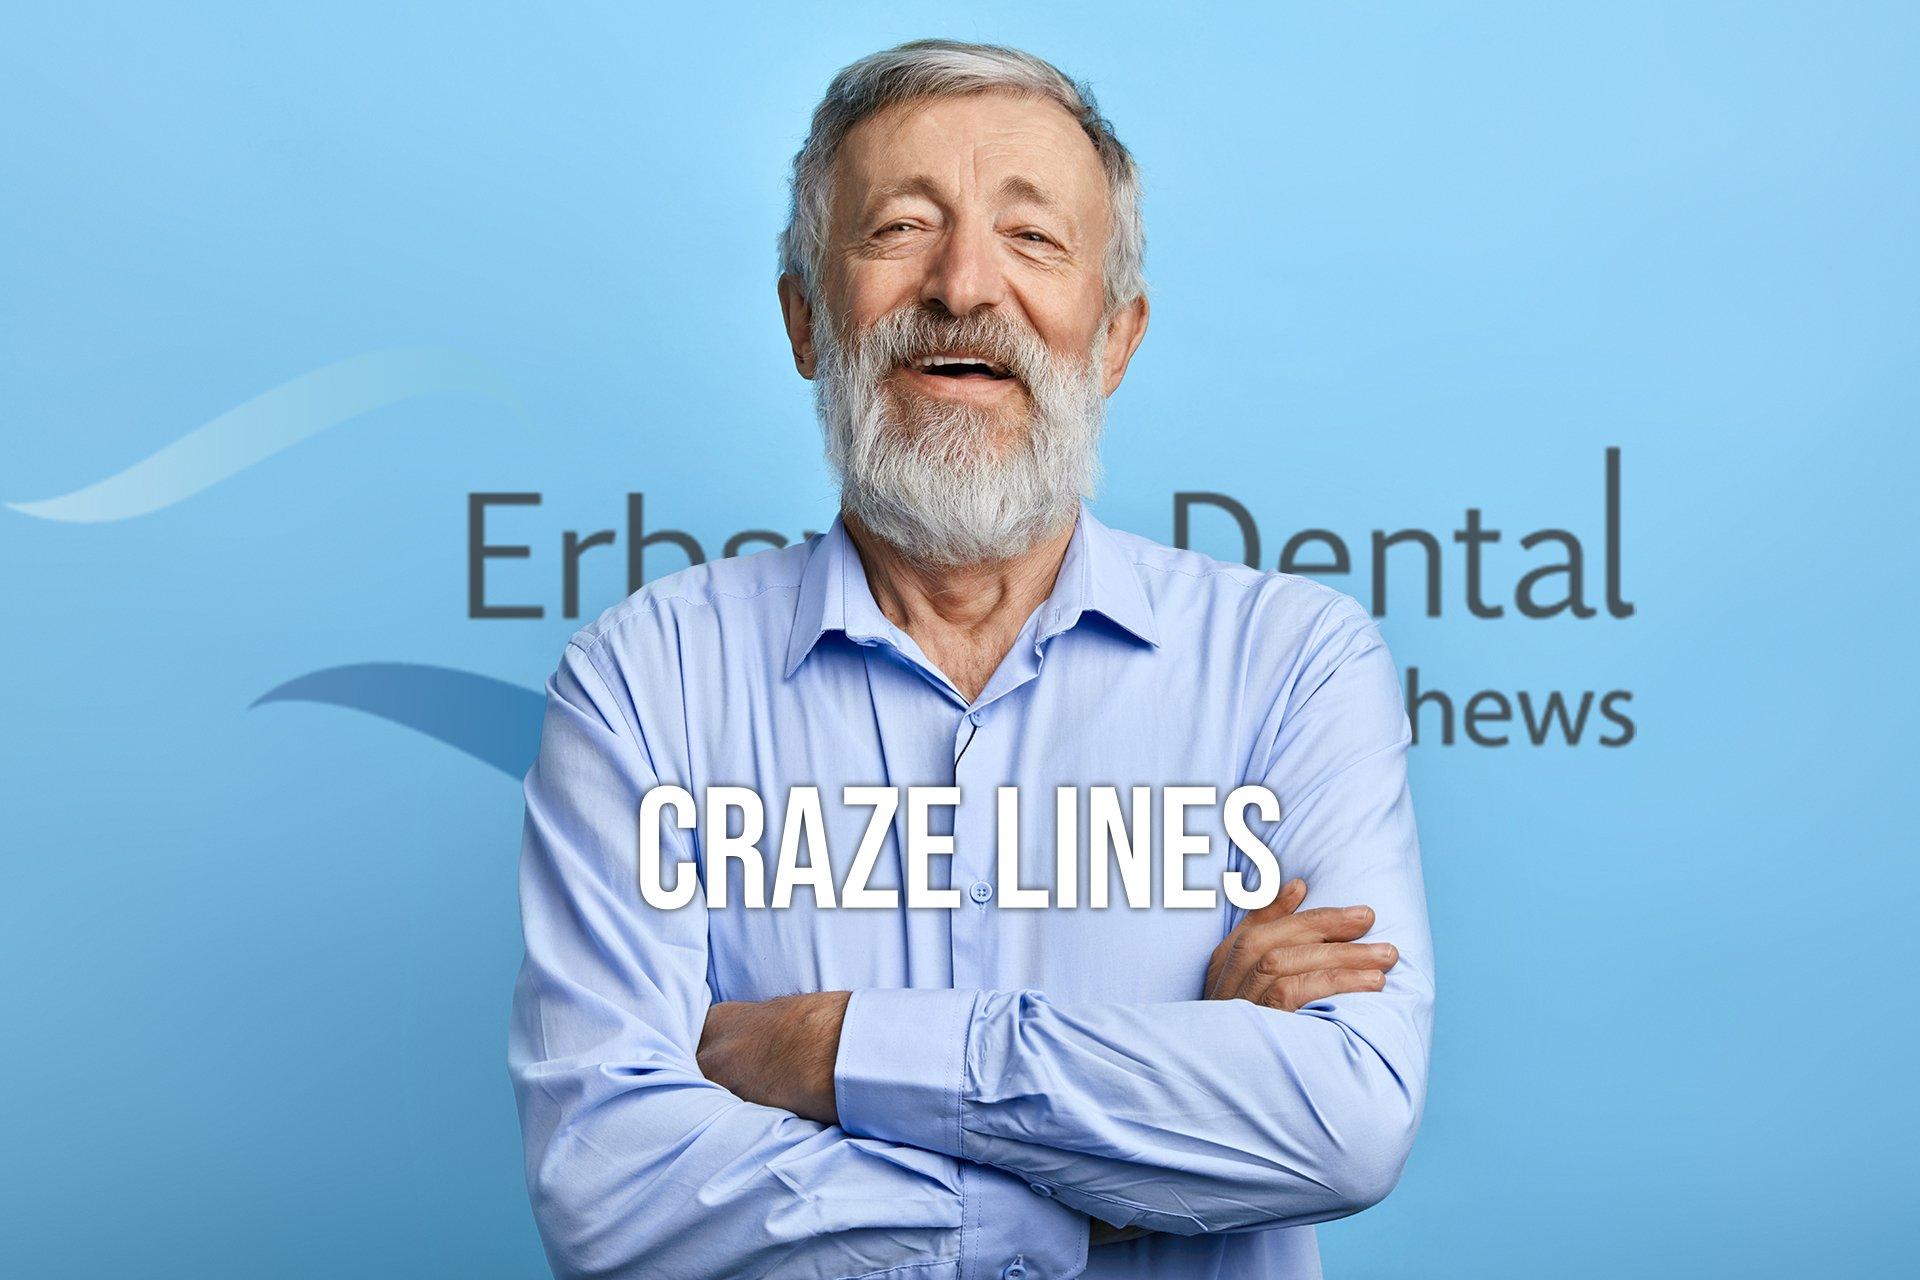 Craze Lines